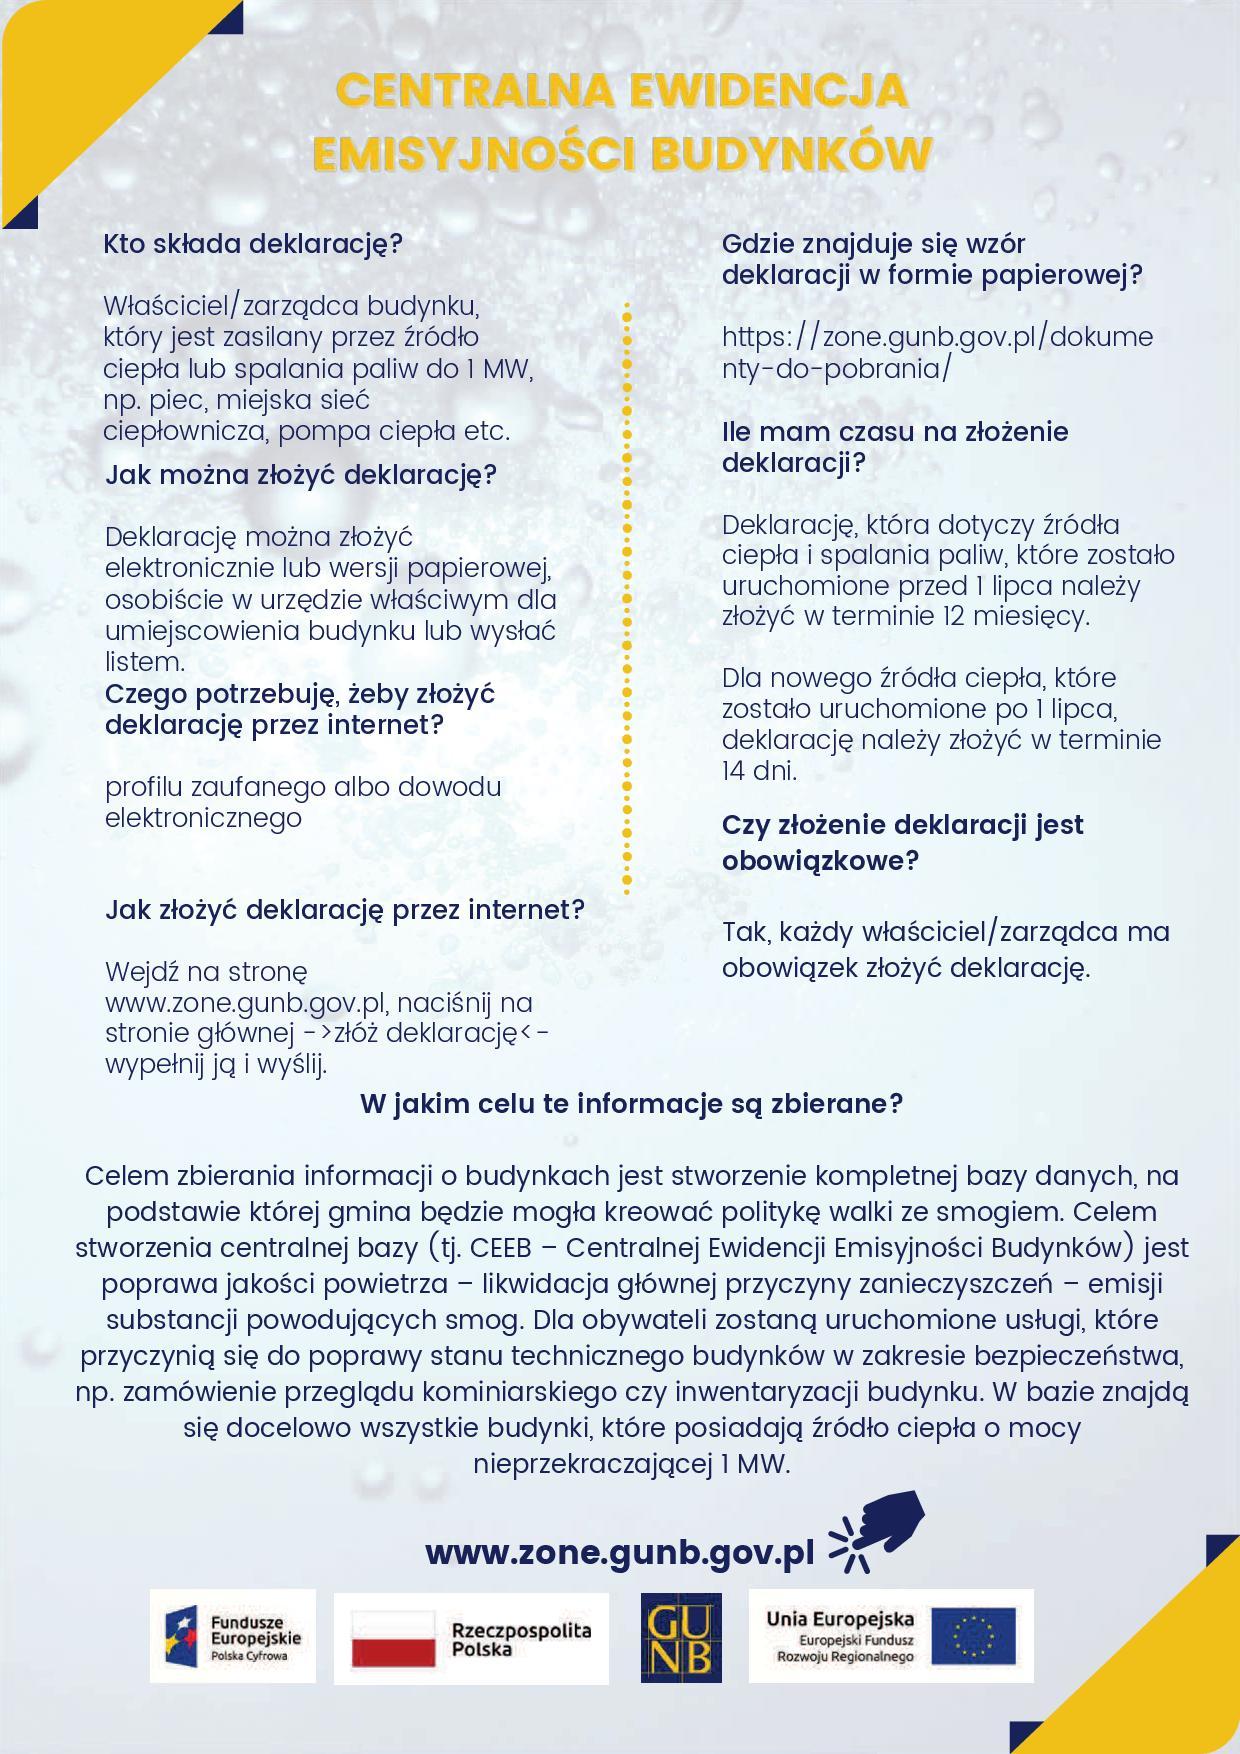 Składanie deklaracji do Centralnej Ewidencji Emisyjności Budynków